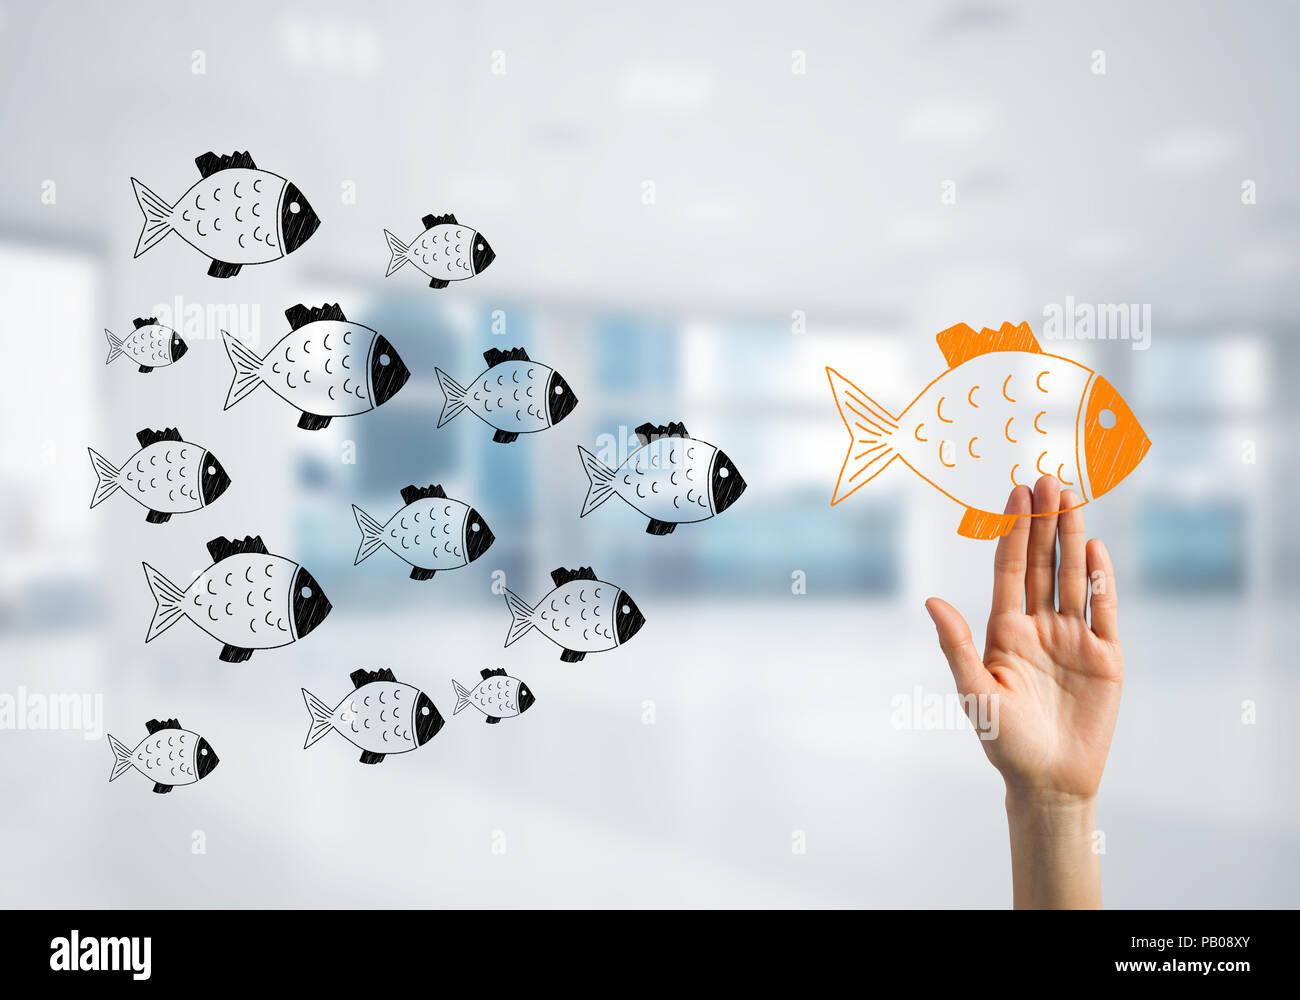 Concepto de liderazgo y teamworking con muchos iconos y uno de ellos de pie Imagen De Stock